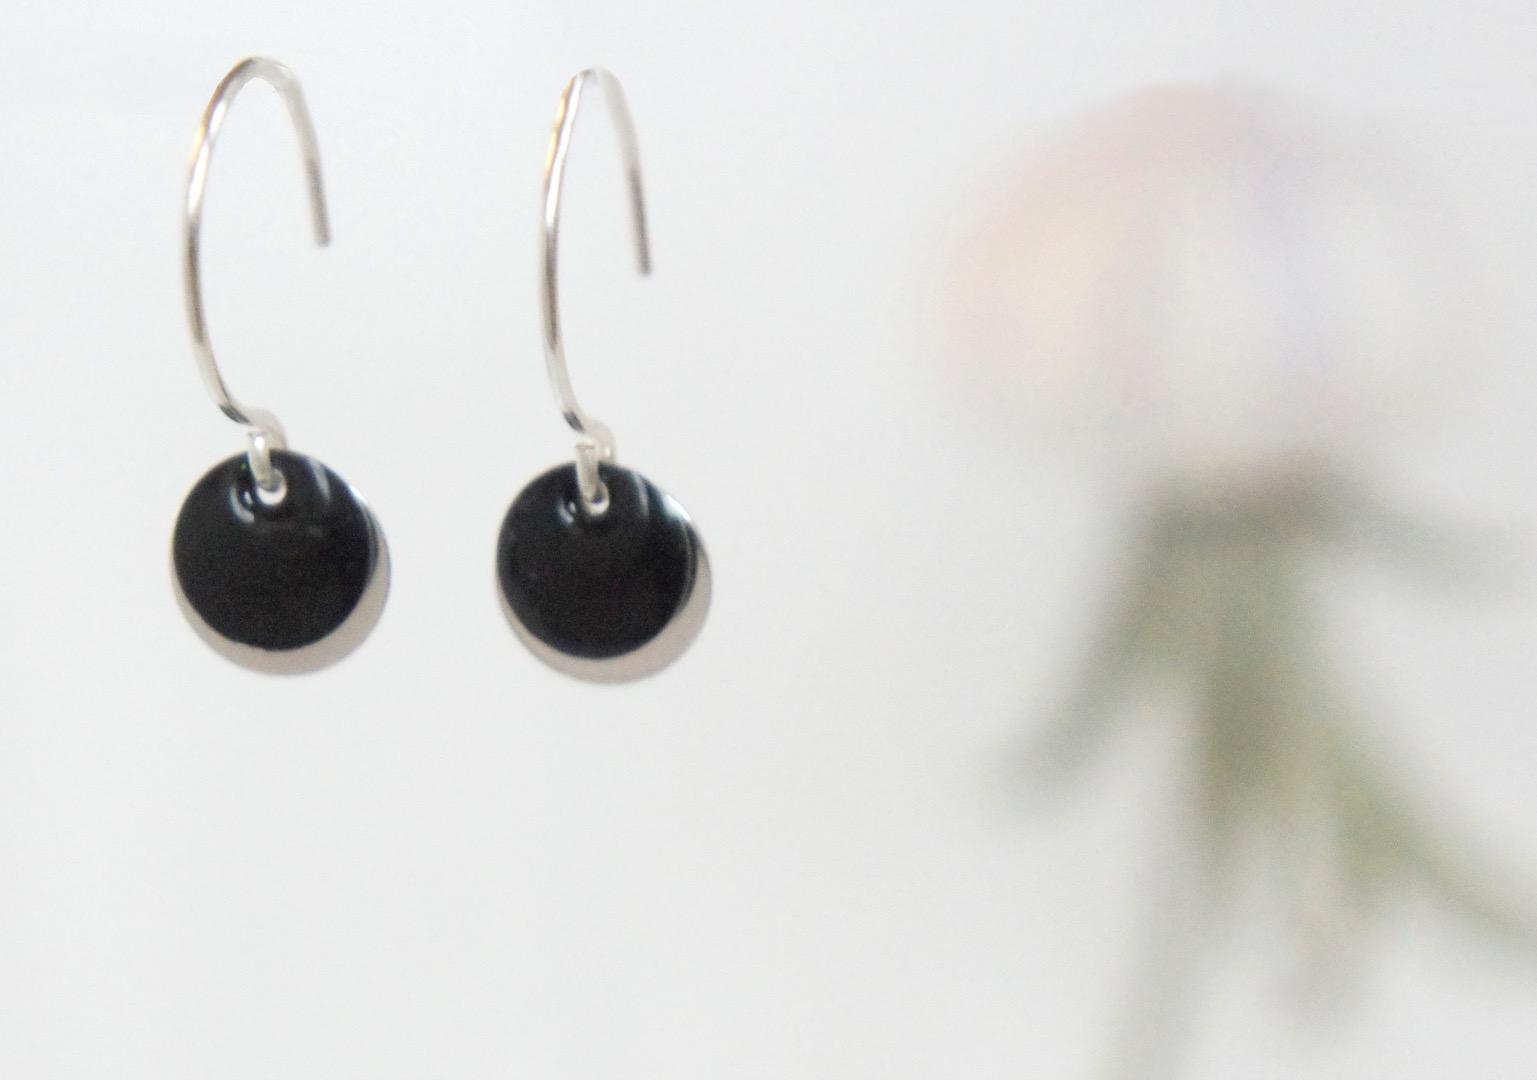 Ohrringe Sterling silber mit Emailleplättchen schwarz - 1